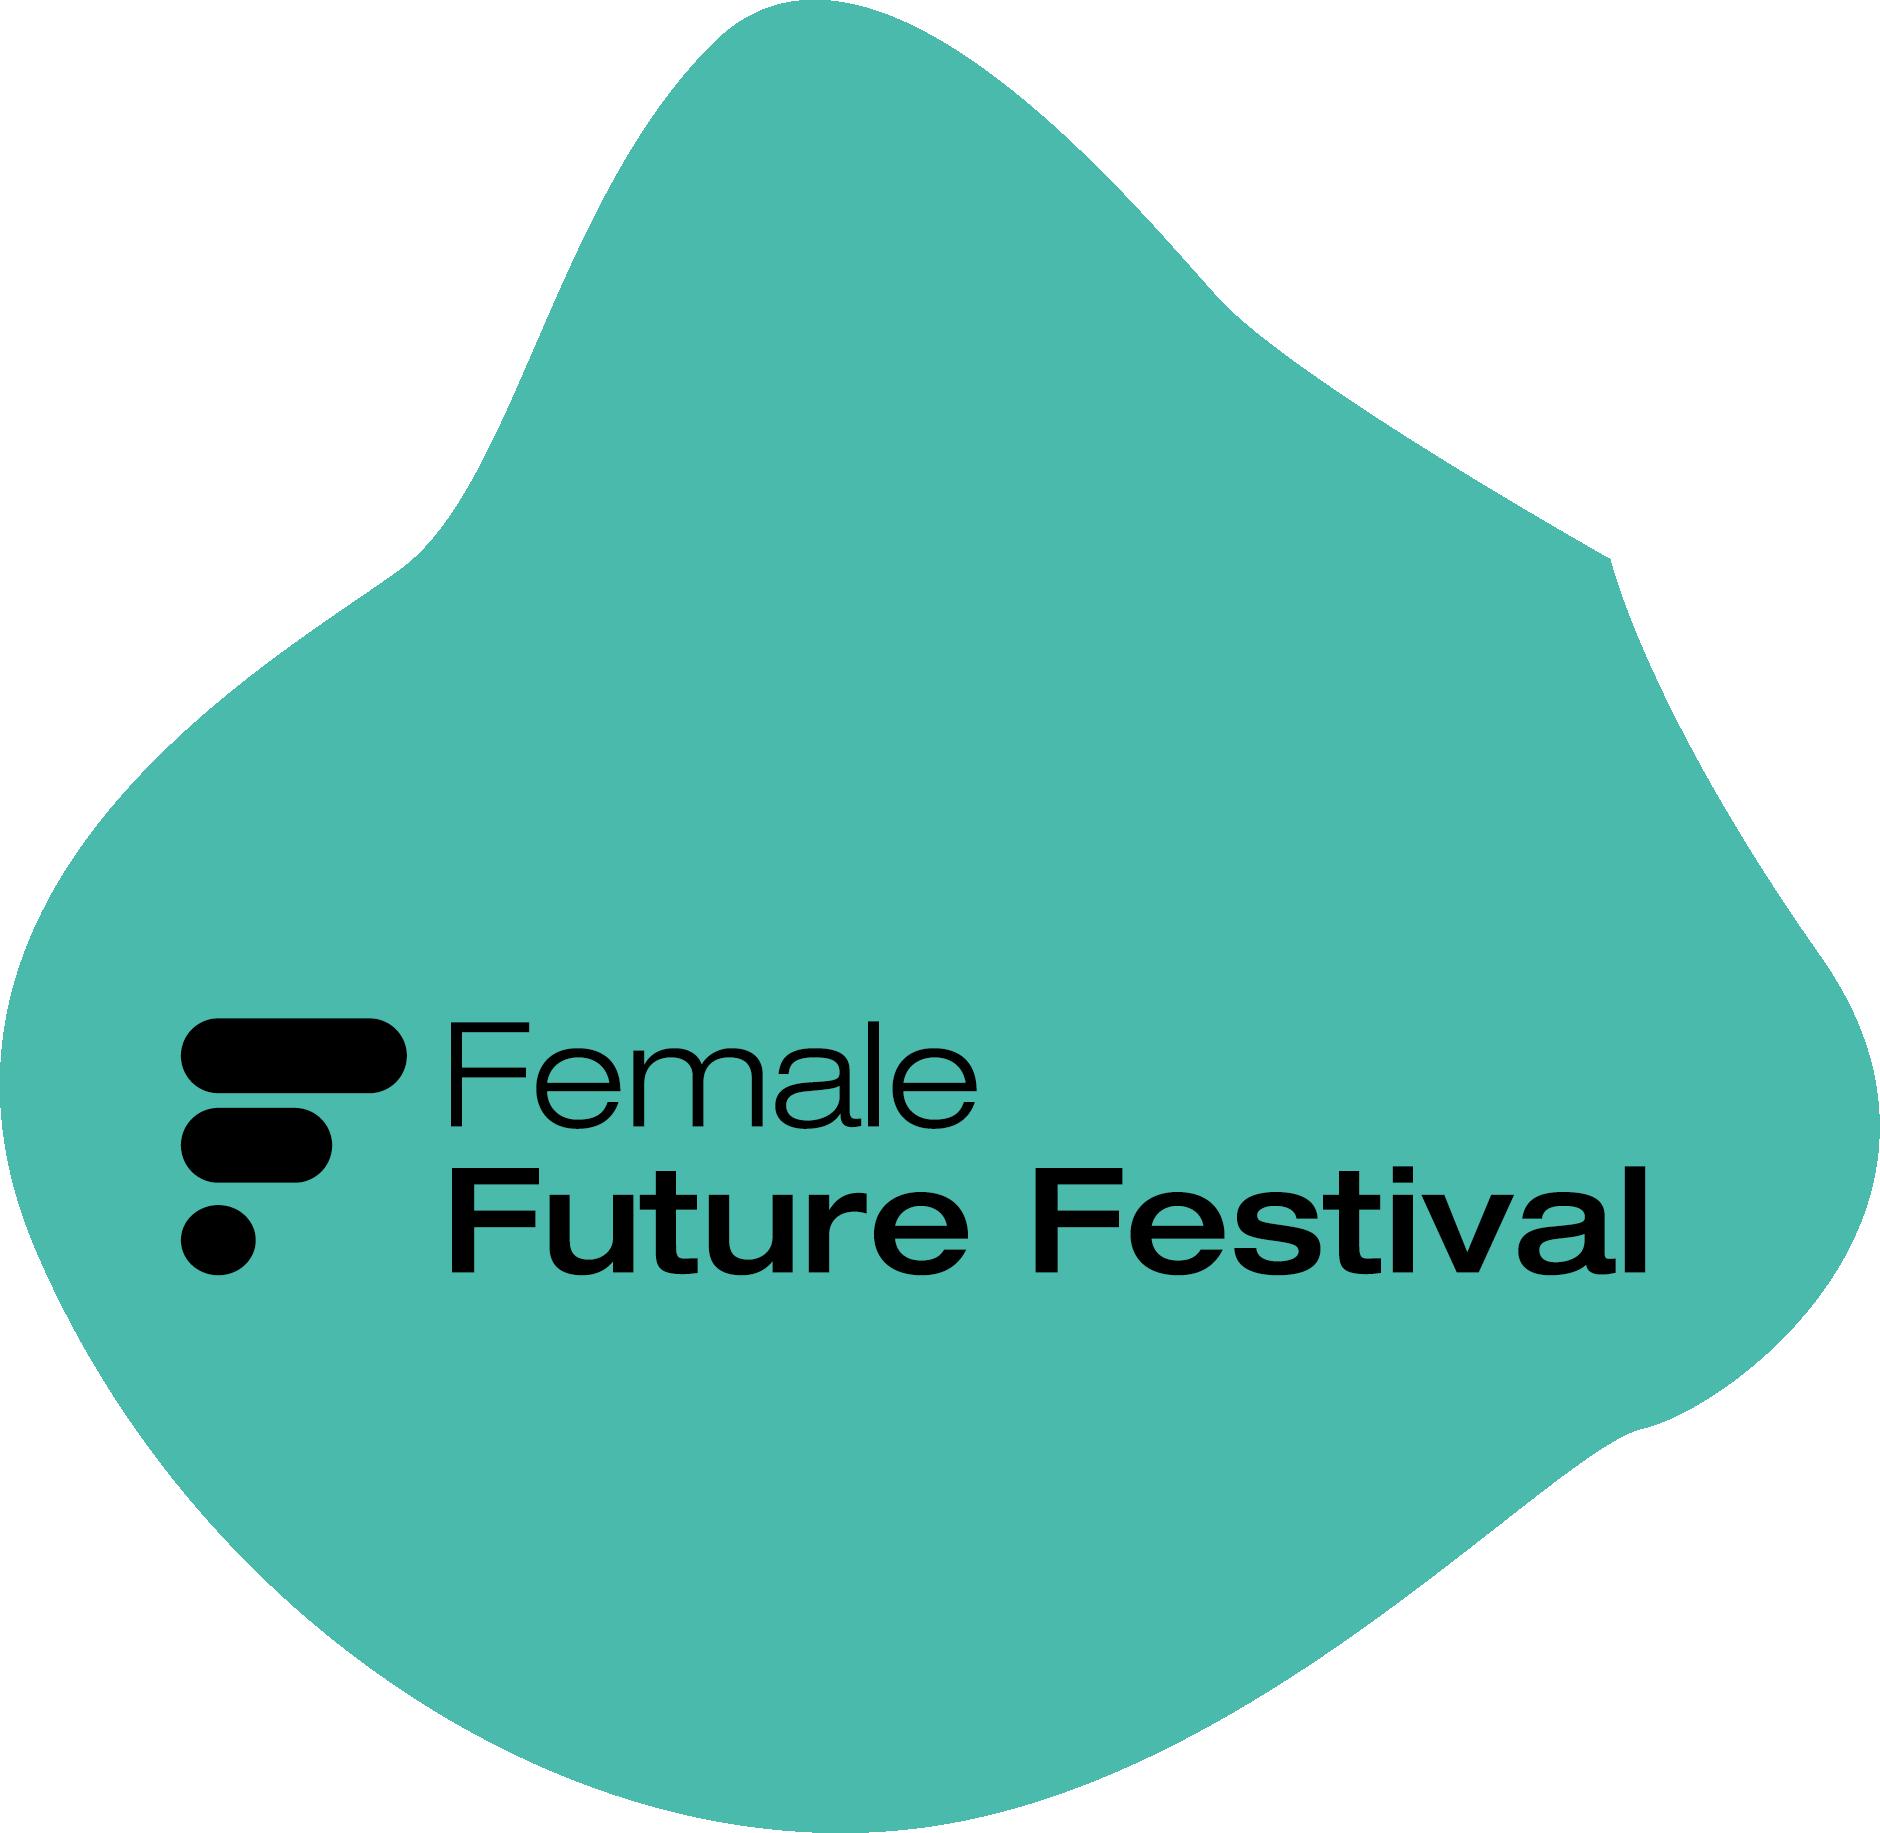 Female Future Festival / 3W-Marketing GmbH